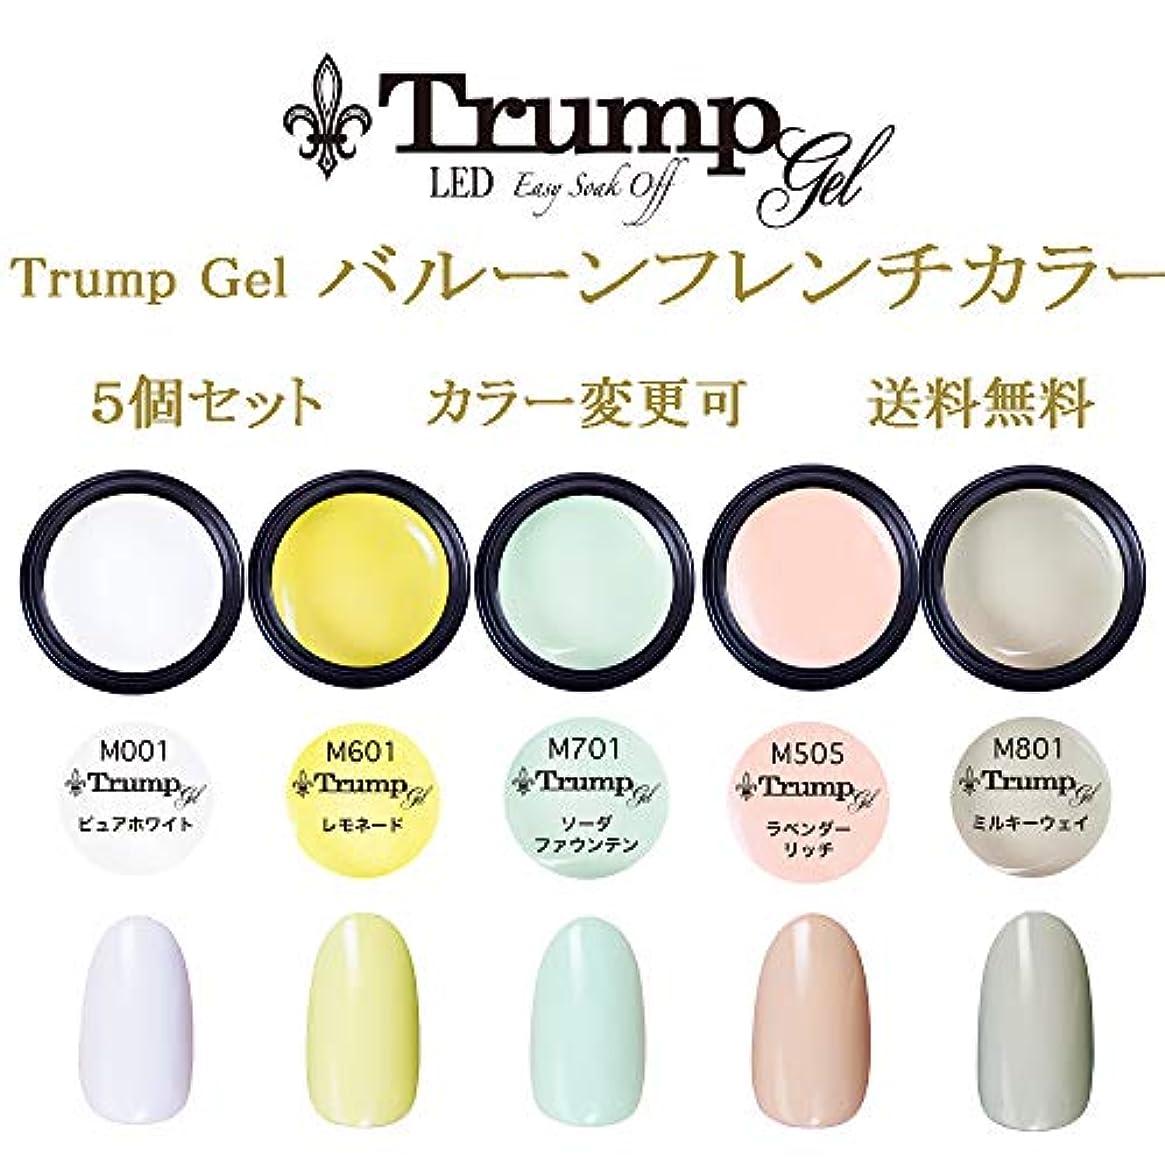 発表する正気高く【送料無料】Trumpバルーンフレンチカラー 選べるカラージェル5個セット